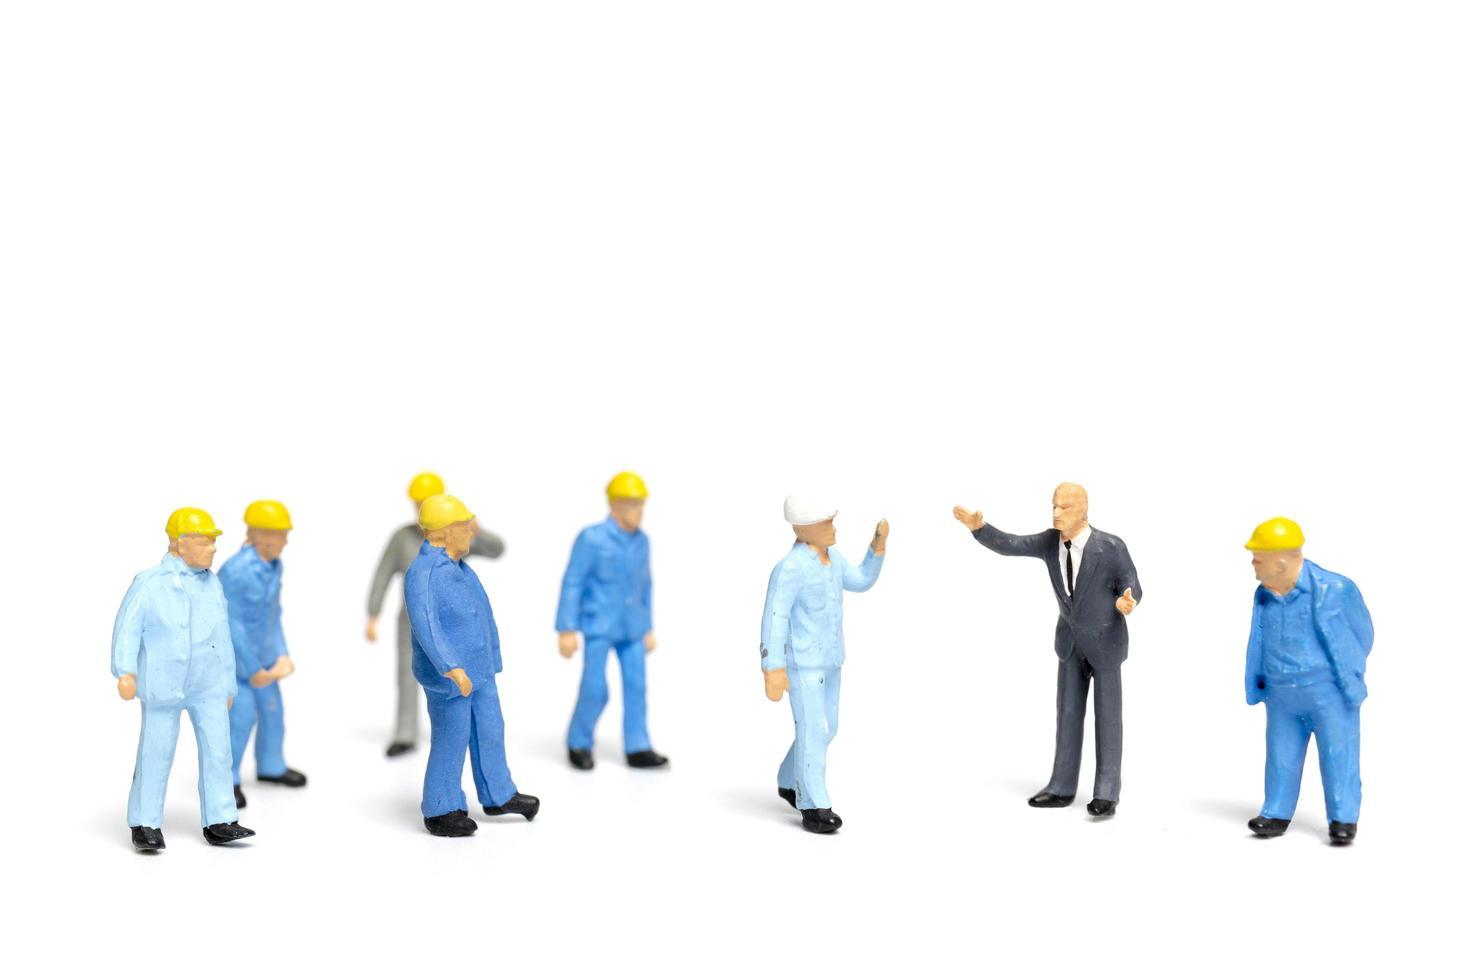 Gente en miniatura escuchando a un político hablando durante un mitin electoral foto